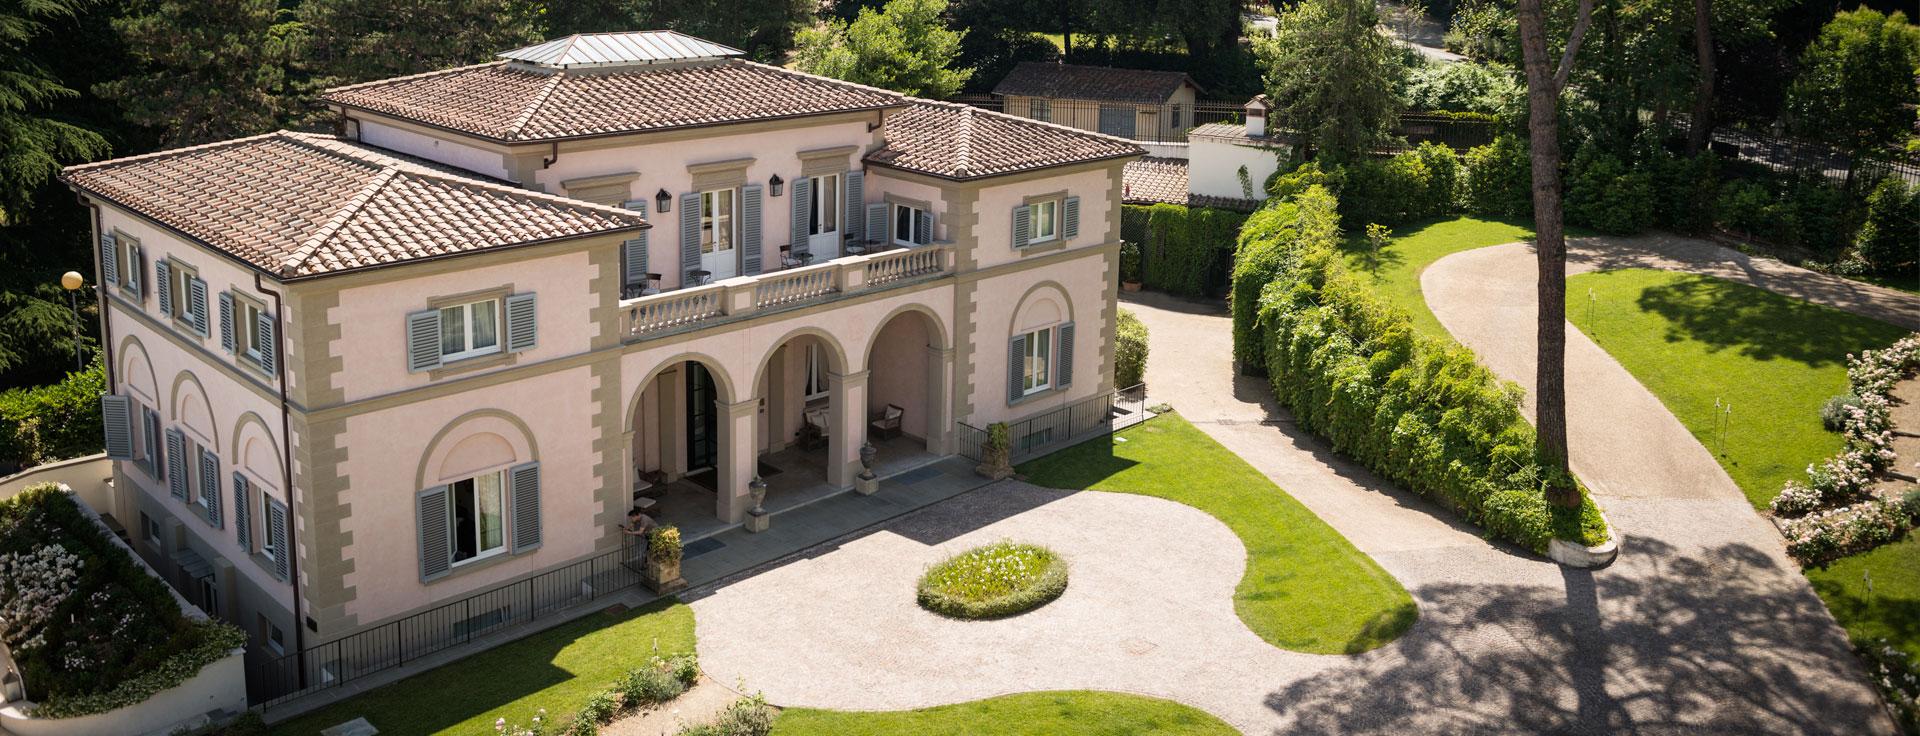 hotel villa cora official website hotel villa tuscany